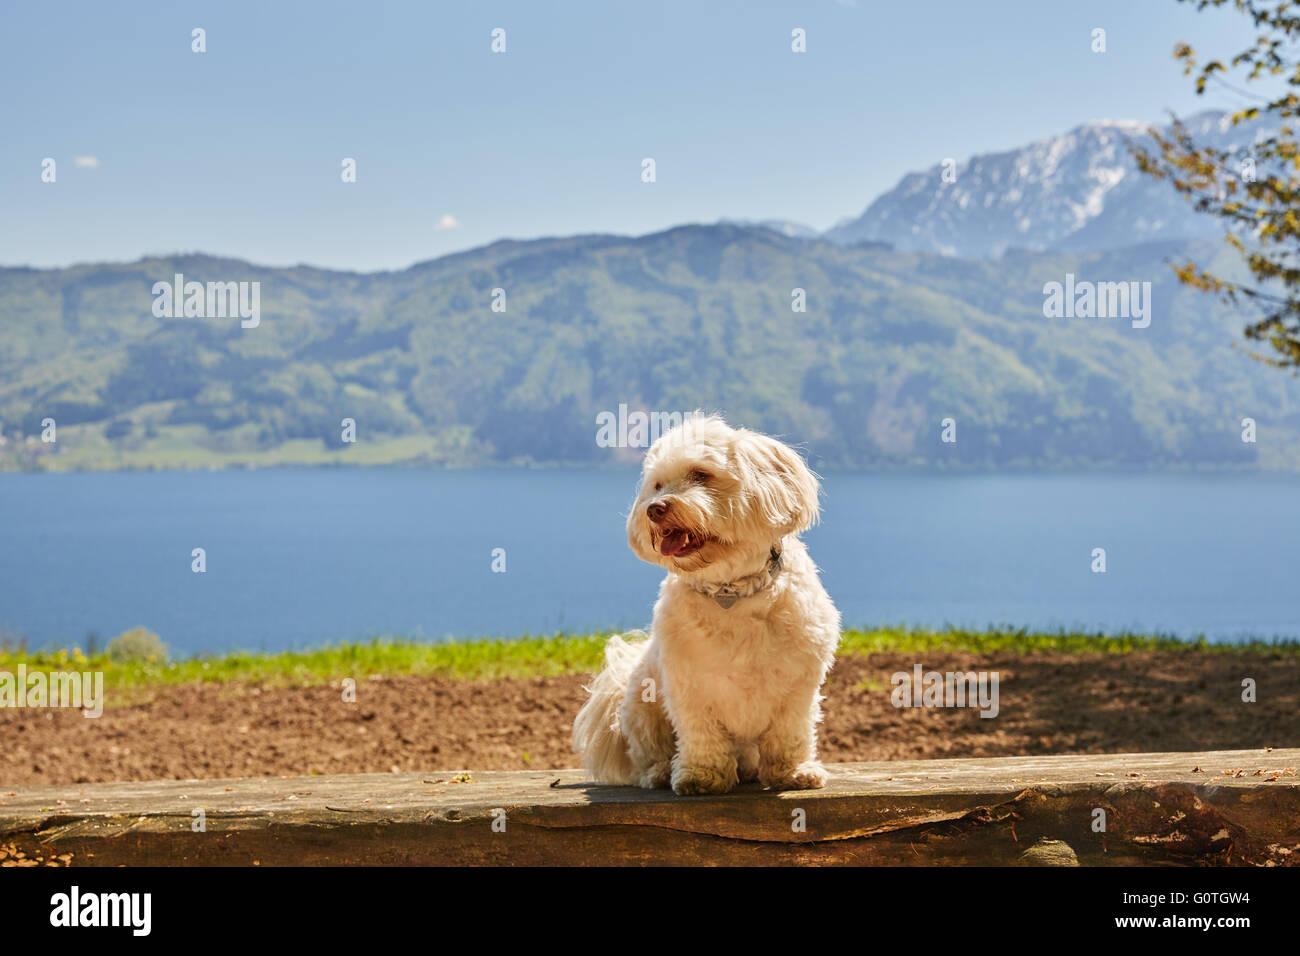 Havaneser Hund Am Attersee In Nussdorf Salzkammergut Osterreich Stockfotografie Alamy